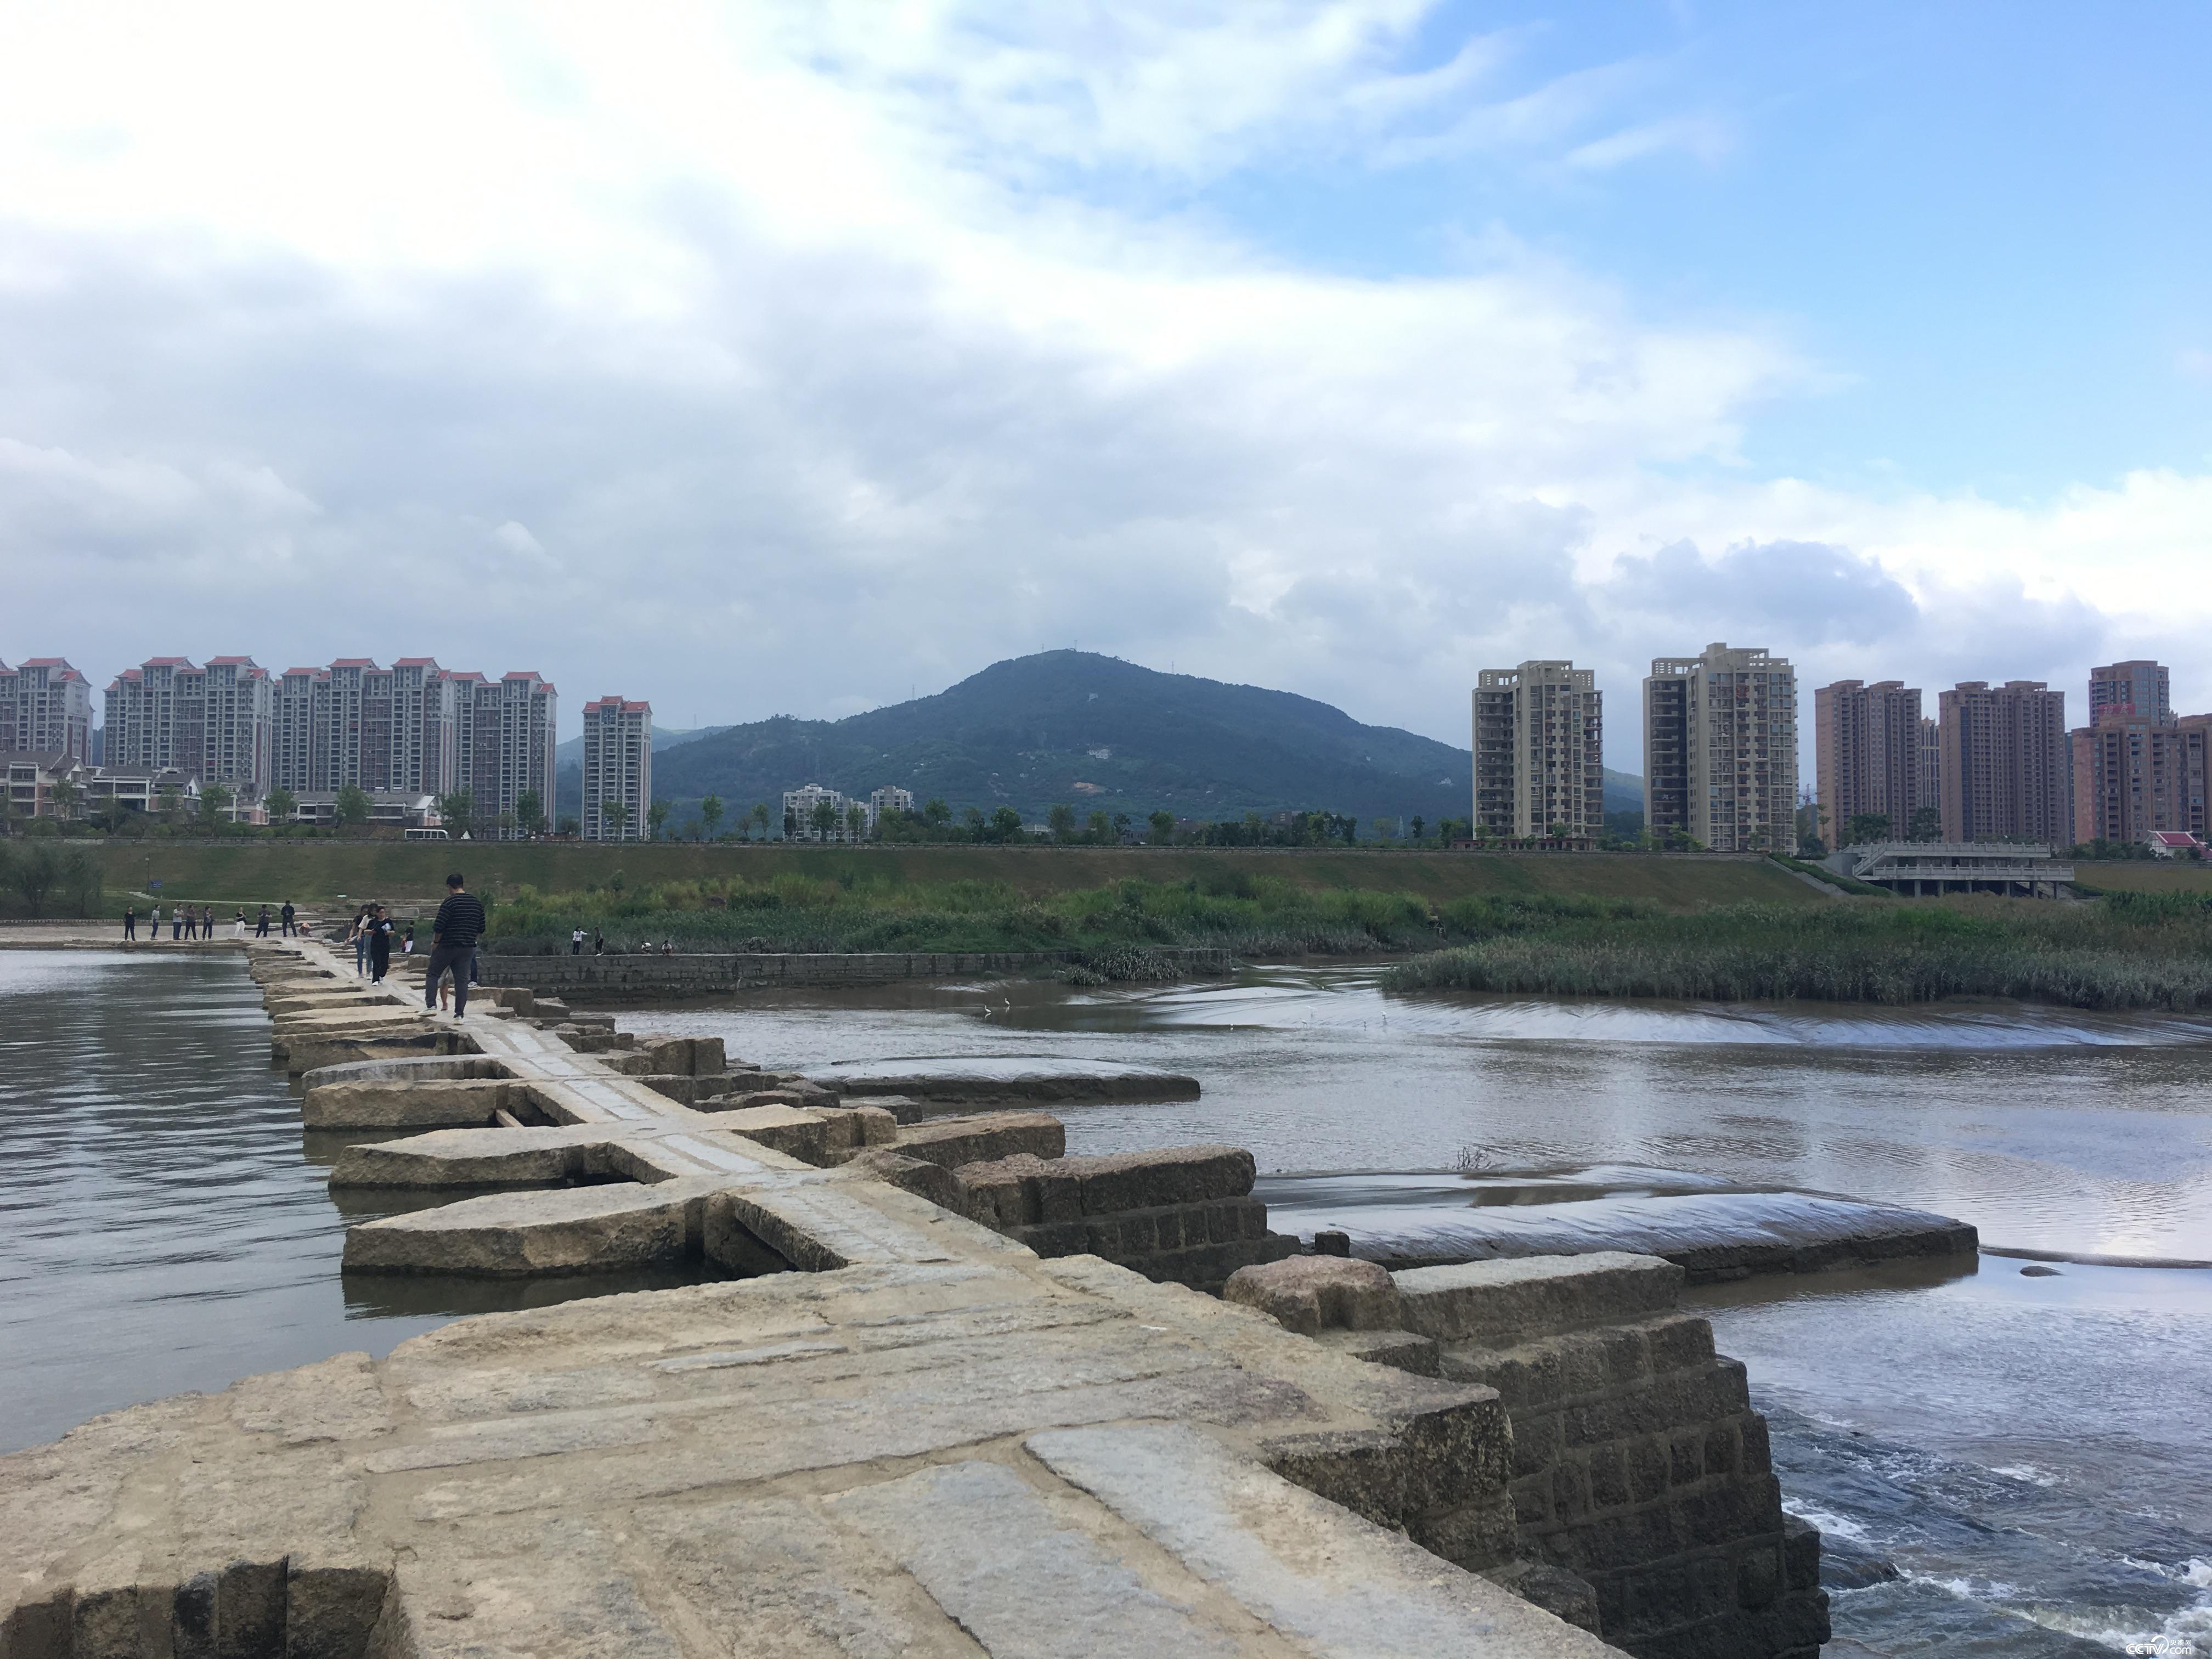 始建于北宋的木兰陂阻挡了海水倒灌进莆田市,至今保存完好并发挥其水利效用。(摄/徐辉)